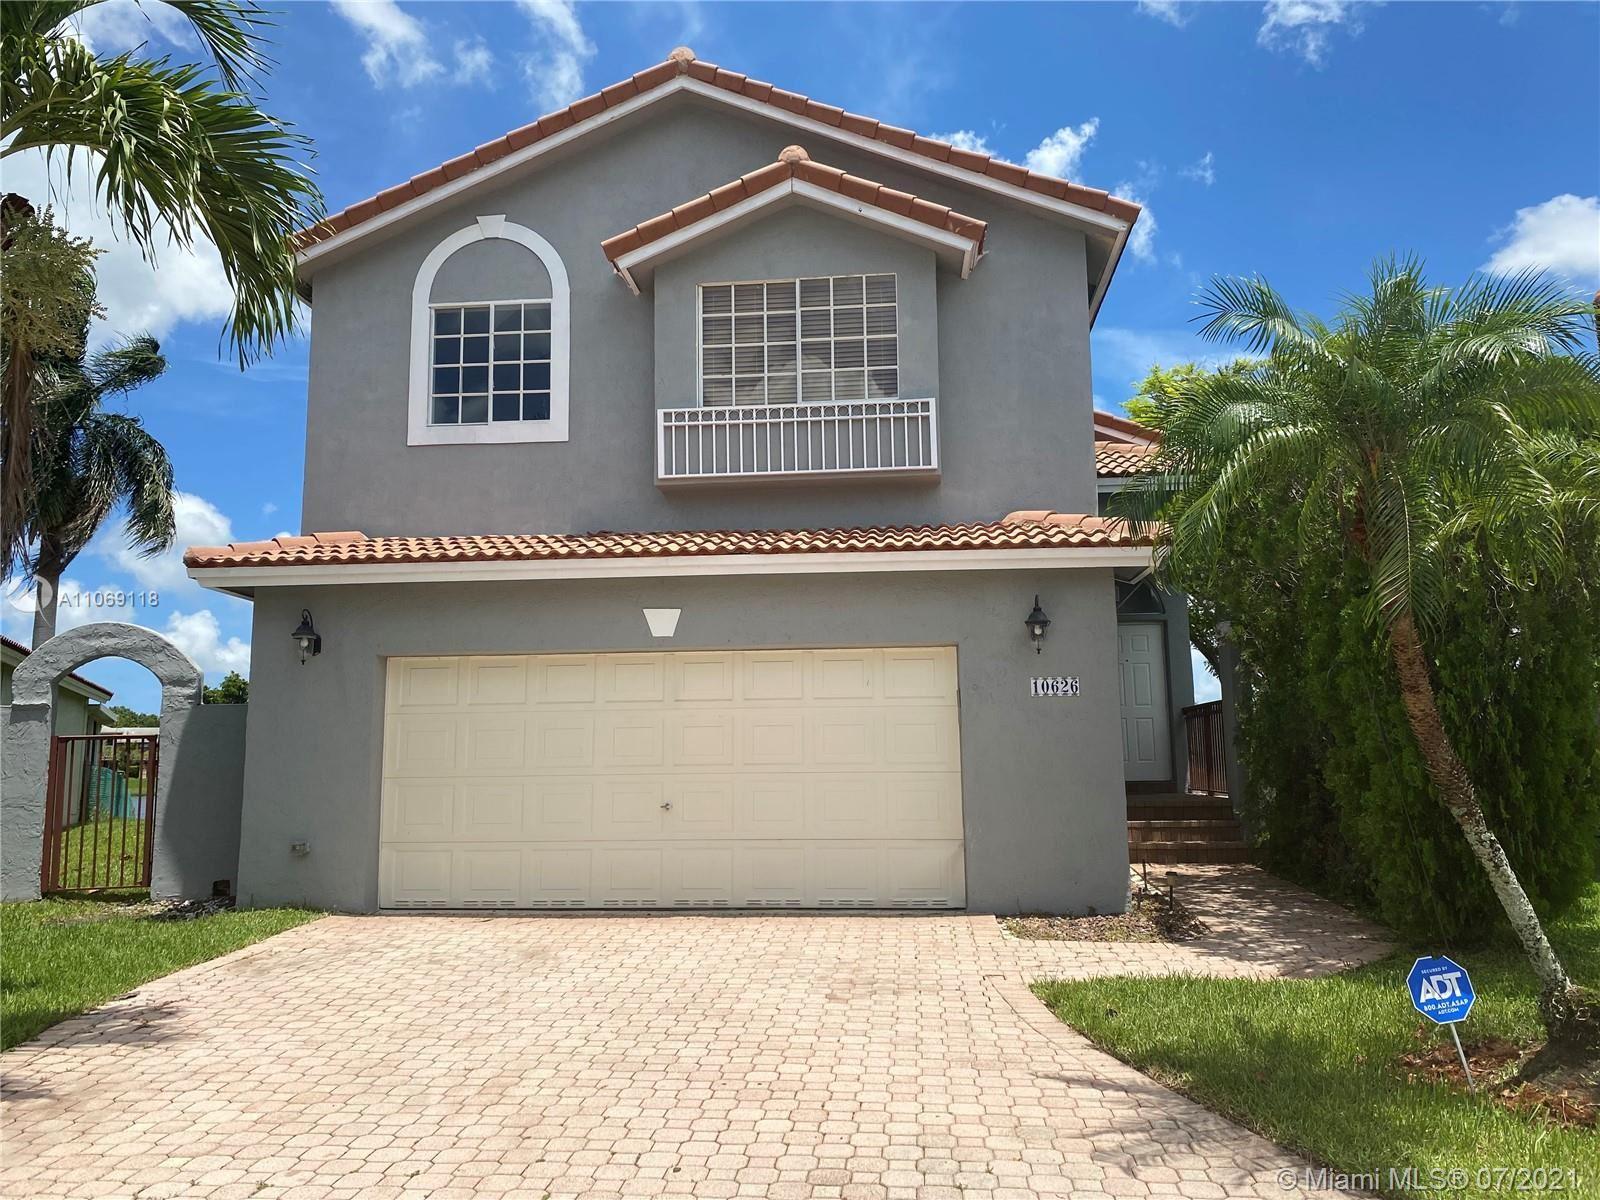 10626 NW 7th St, Pembroke Pines, FL 33026 - #: A11069118